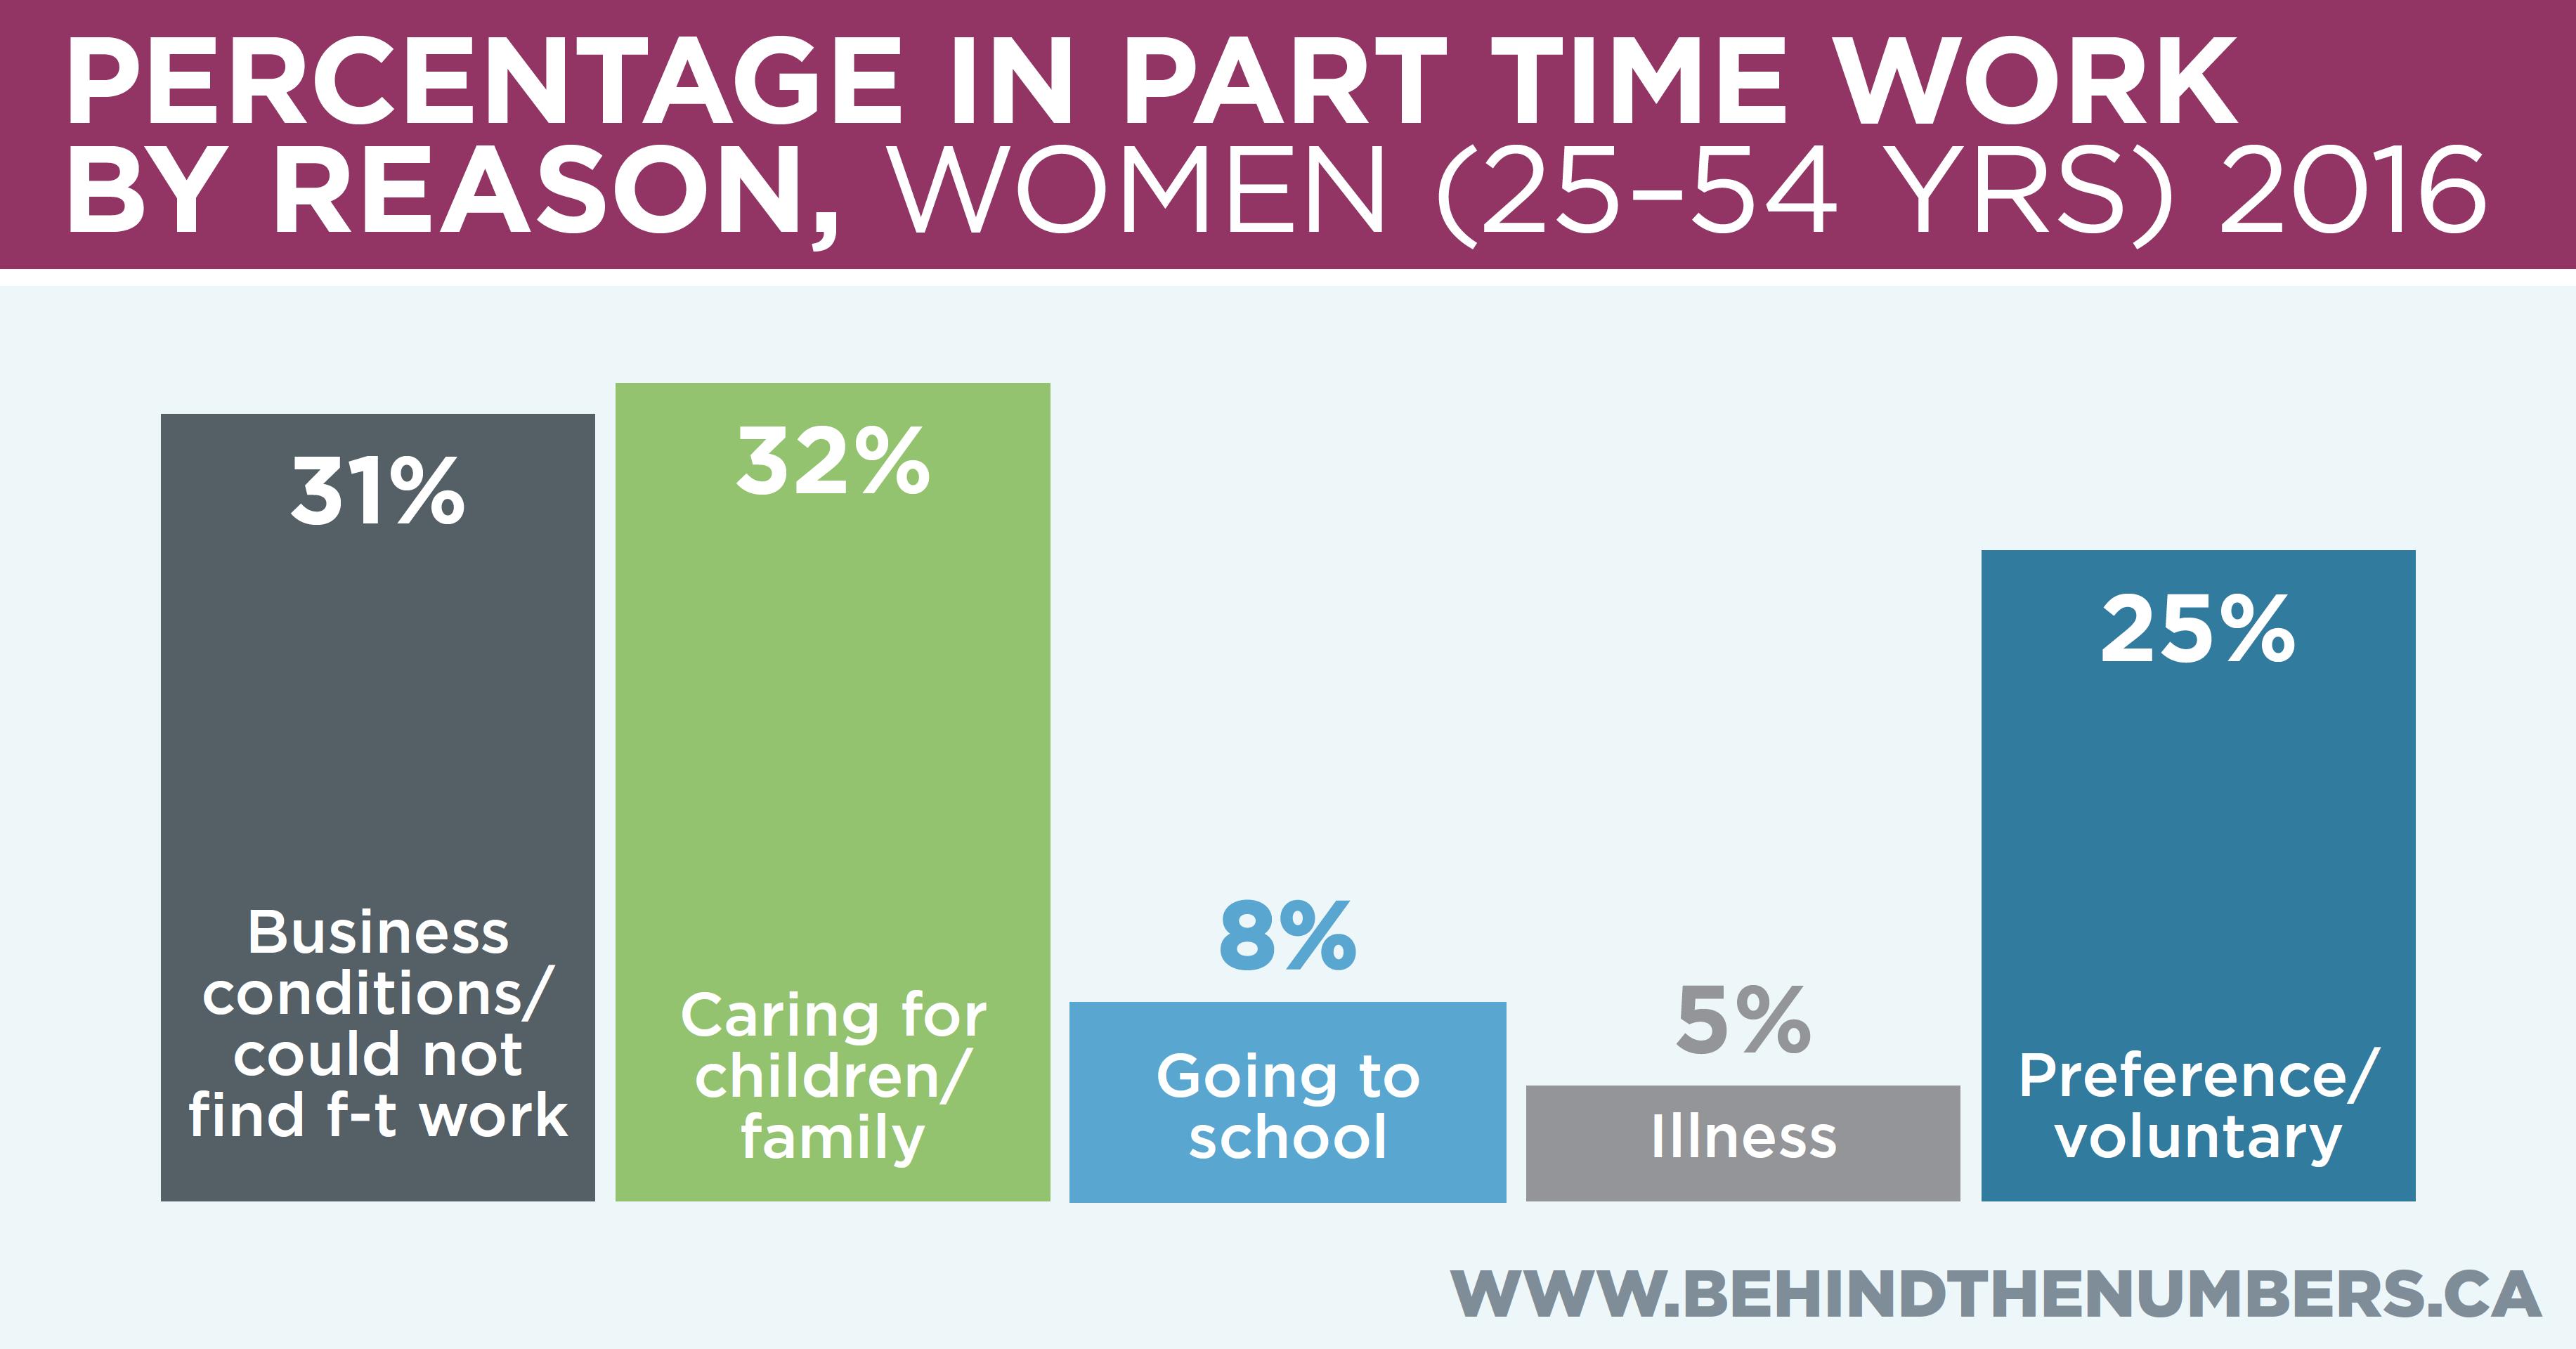 Women in p/t work